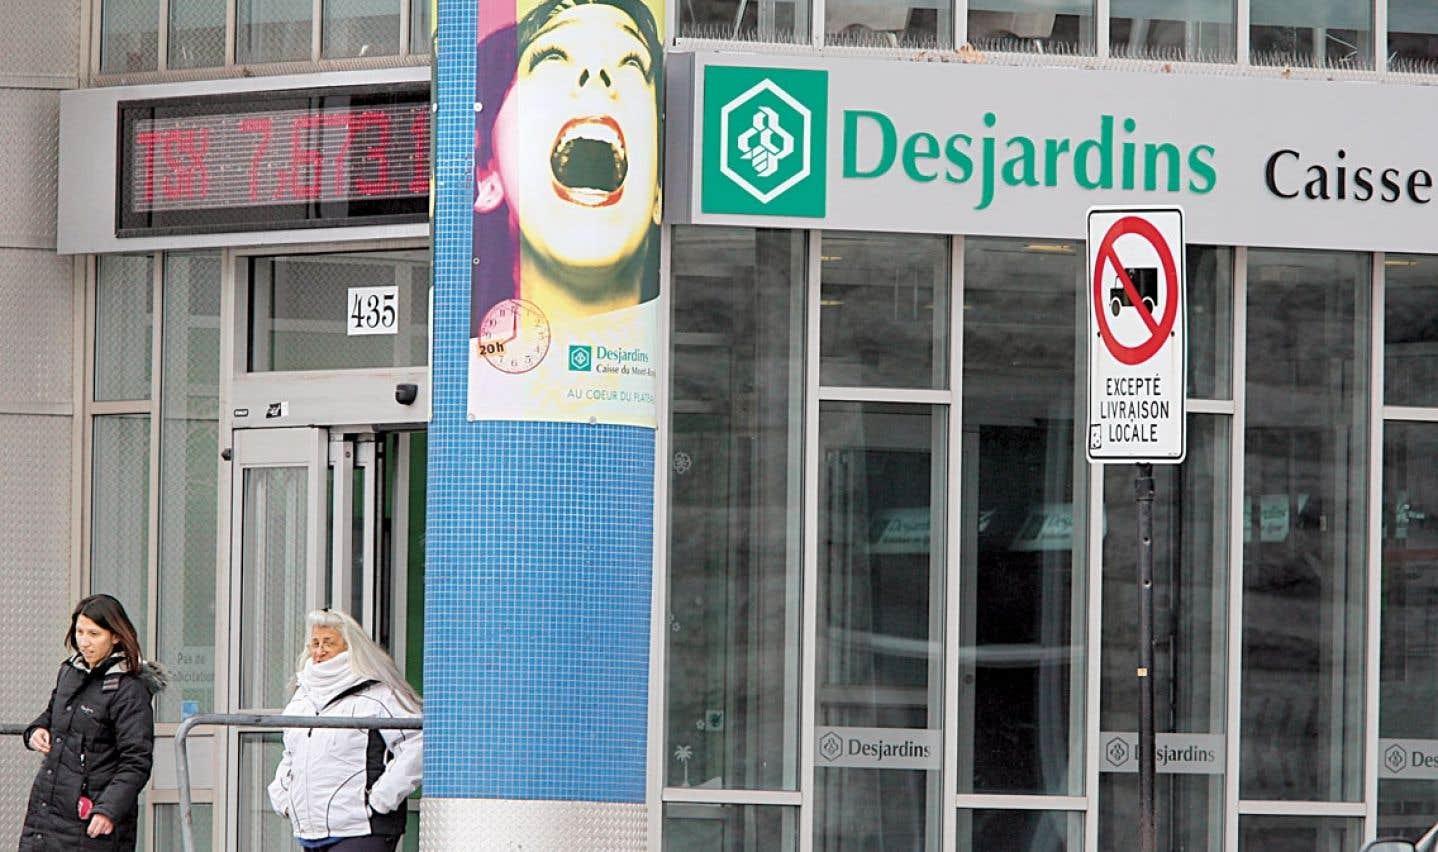 «Le Fonds Environnement Desjardins a été créé en 1990 dans la foulée de ce qu'on appelait à l'époque l'option écologique du Mouvement, l'ancêtre de la politique de développement durable.»